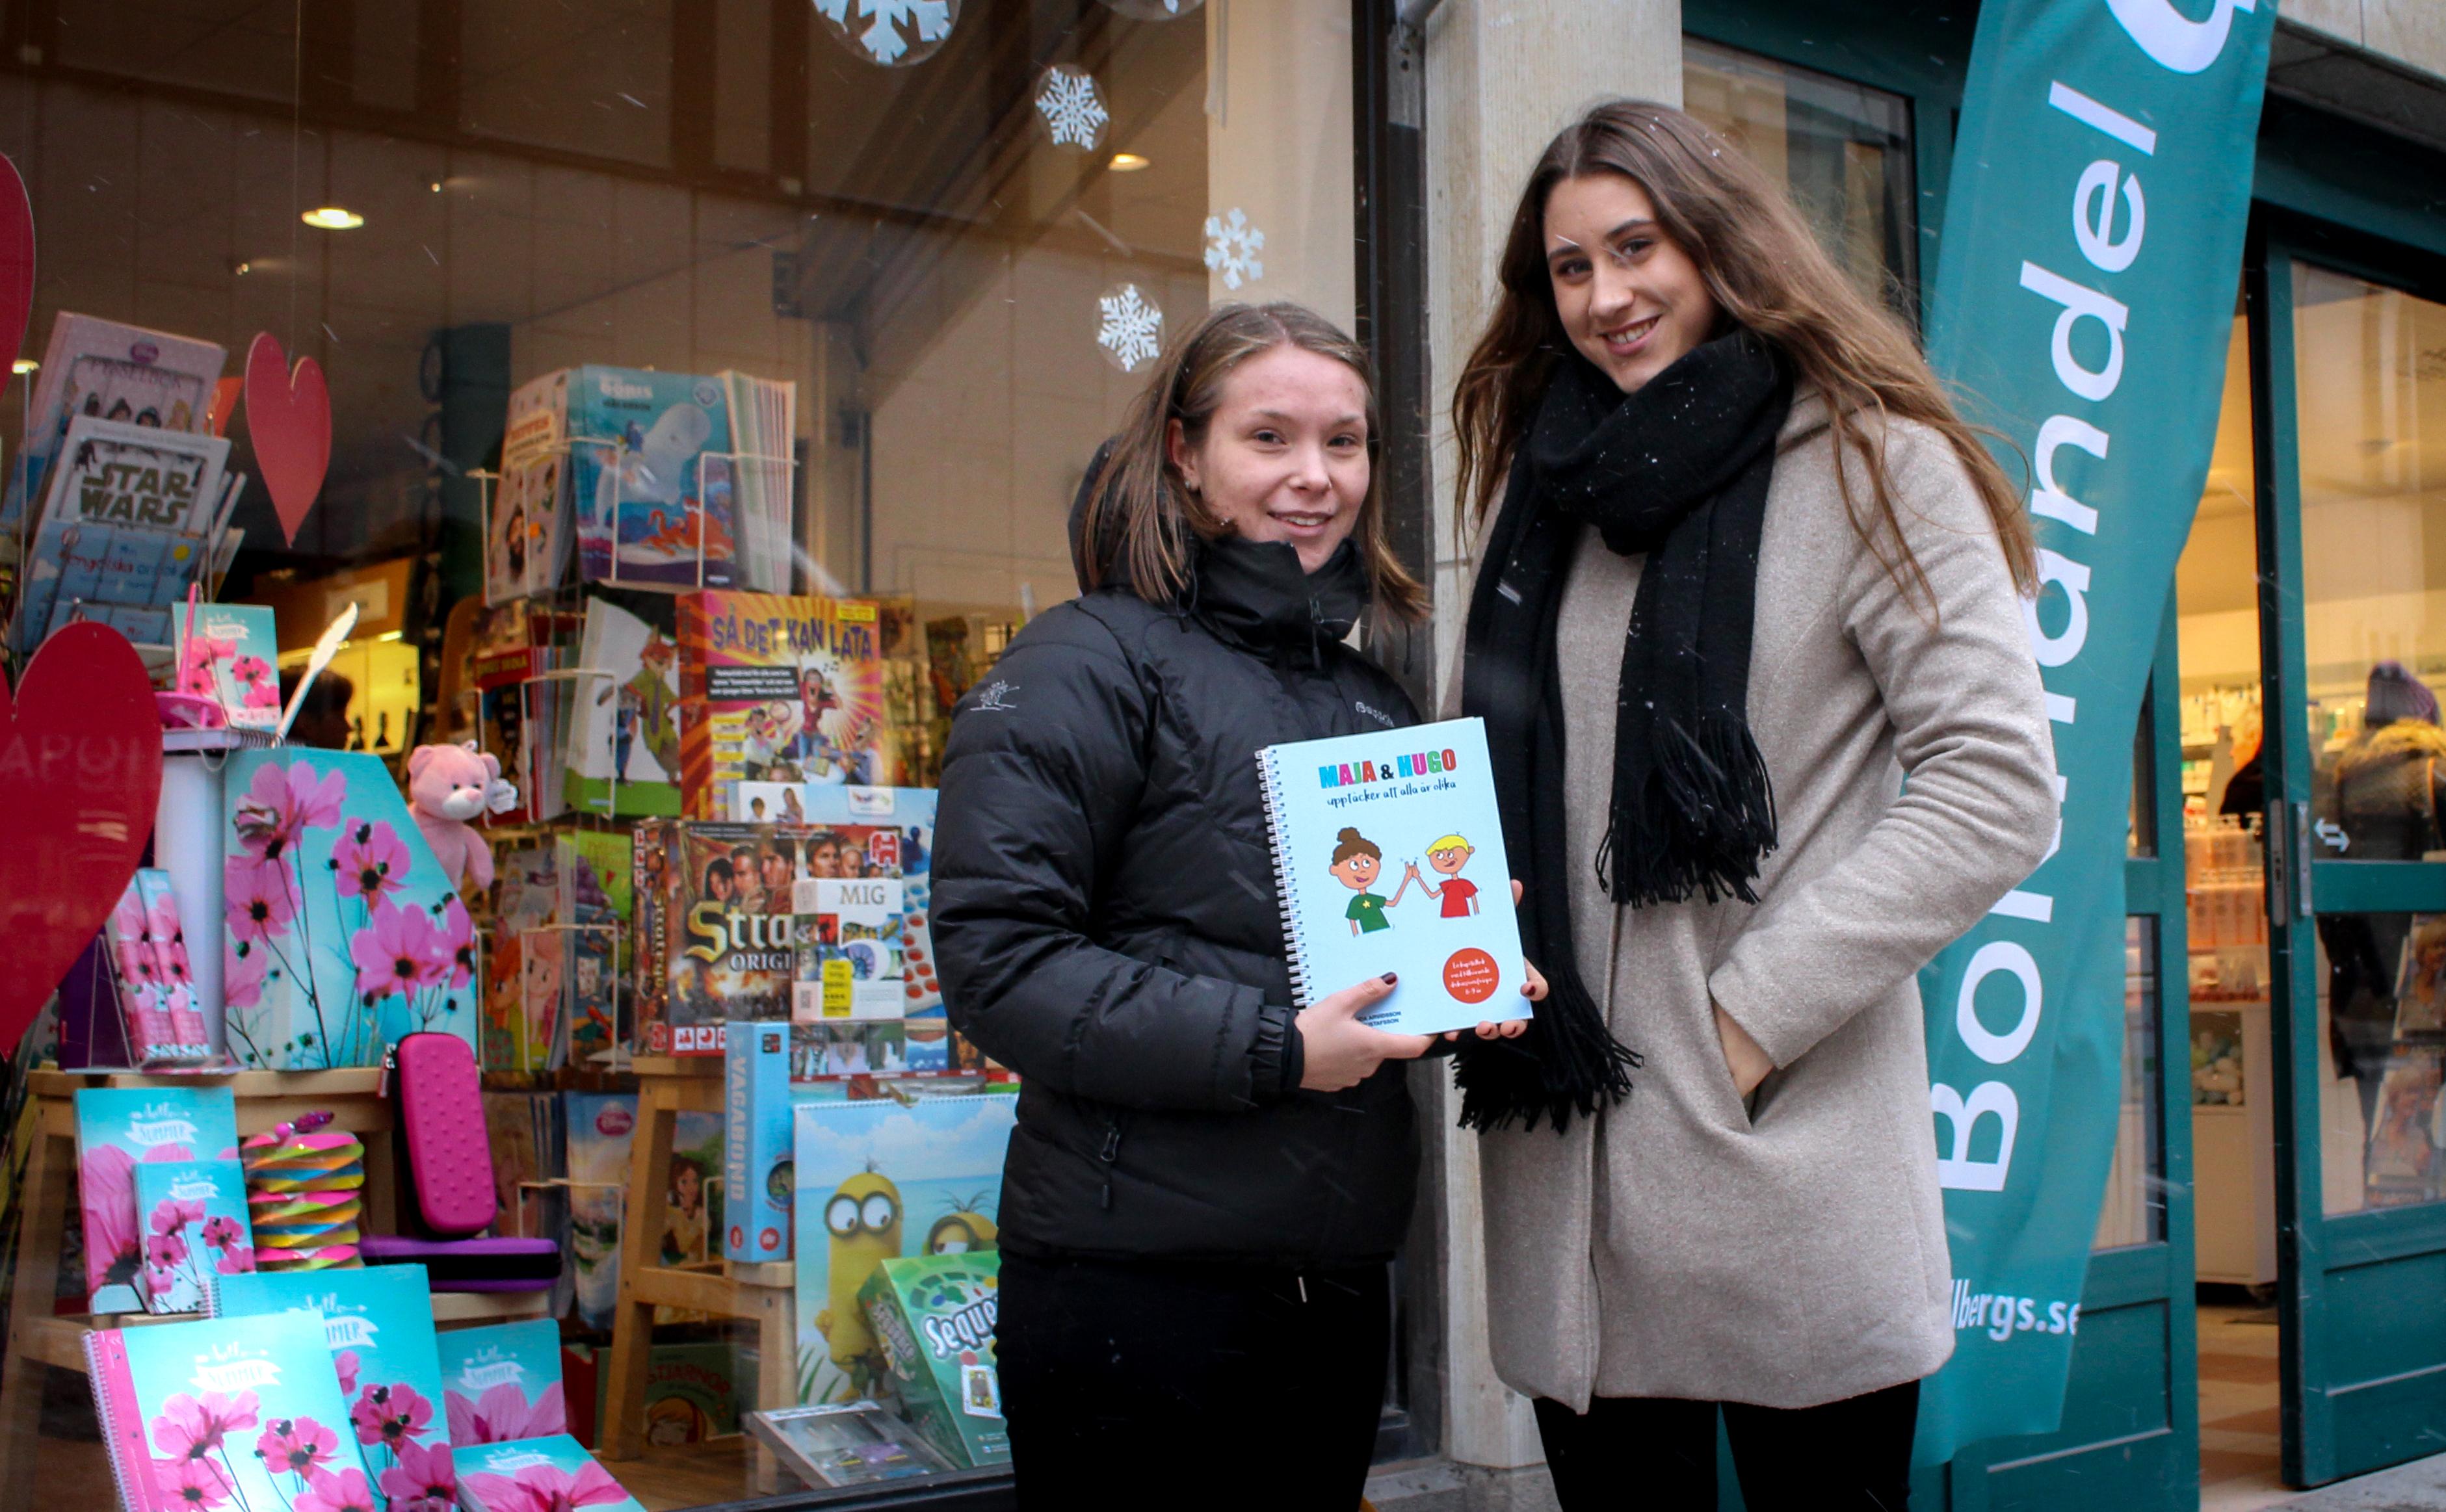 Miranda och Olivia har gjort bok mot mobbning som skolprojekt